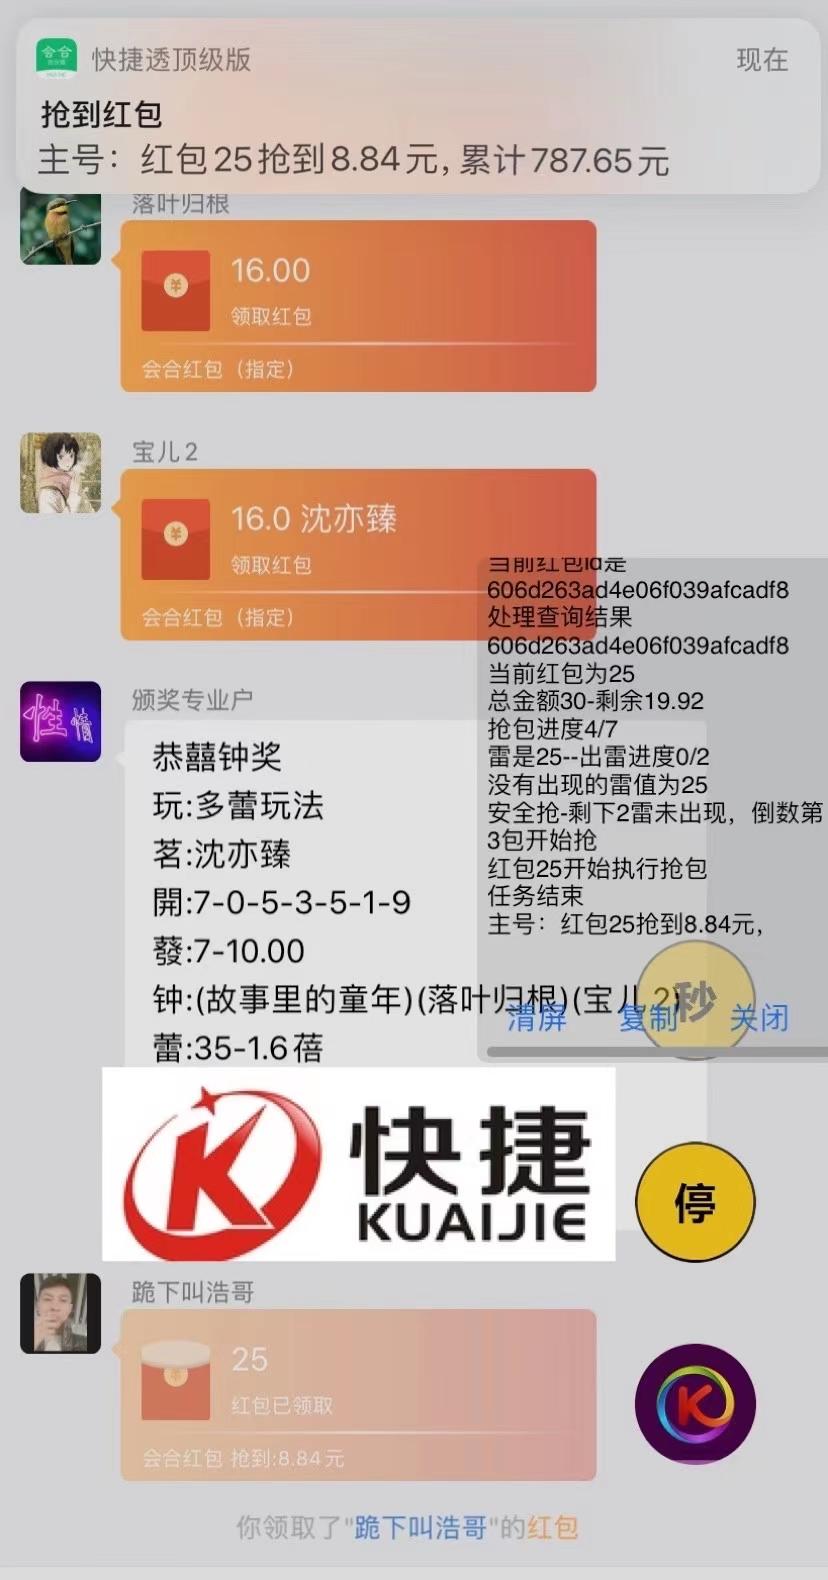 【会合快捷透天卡】苹果版